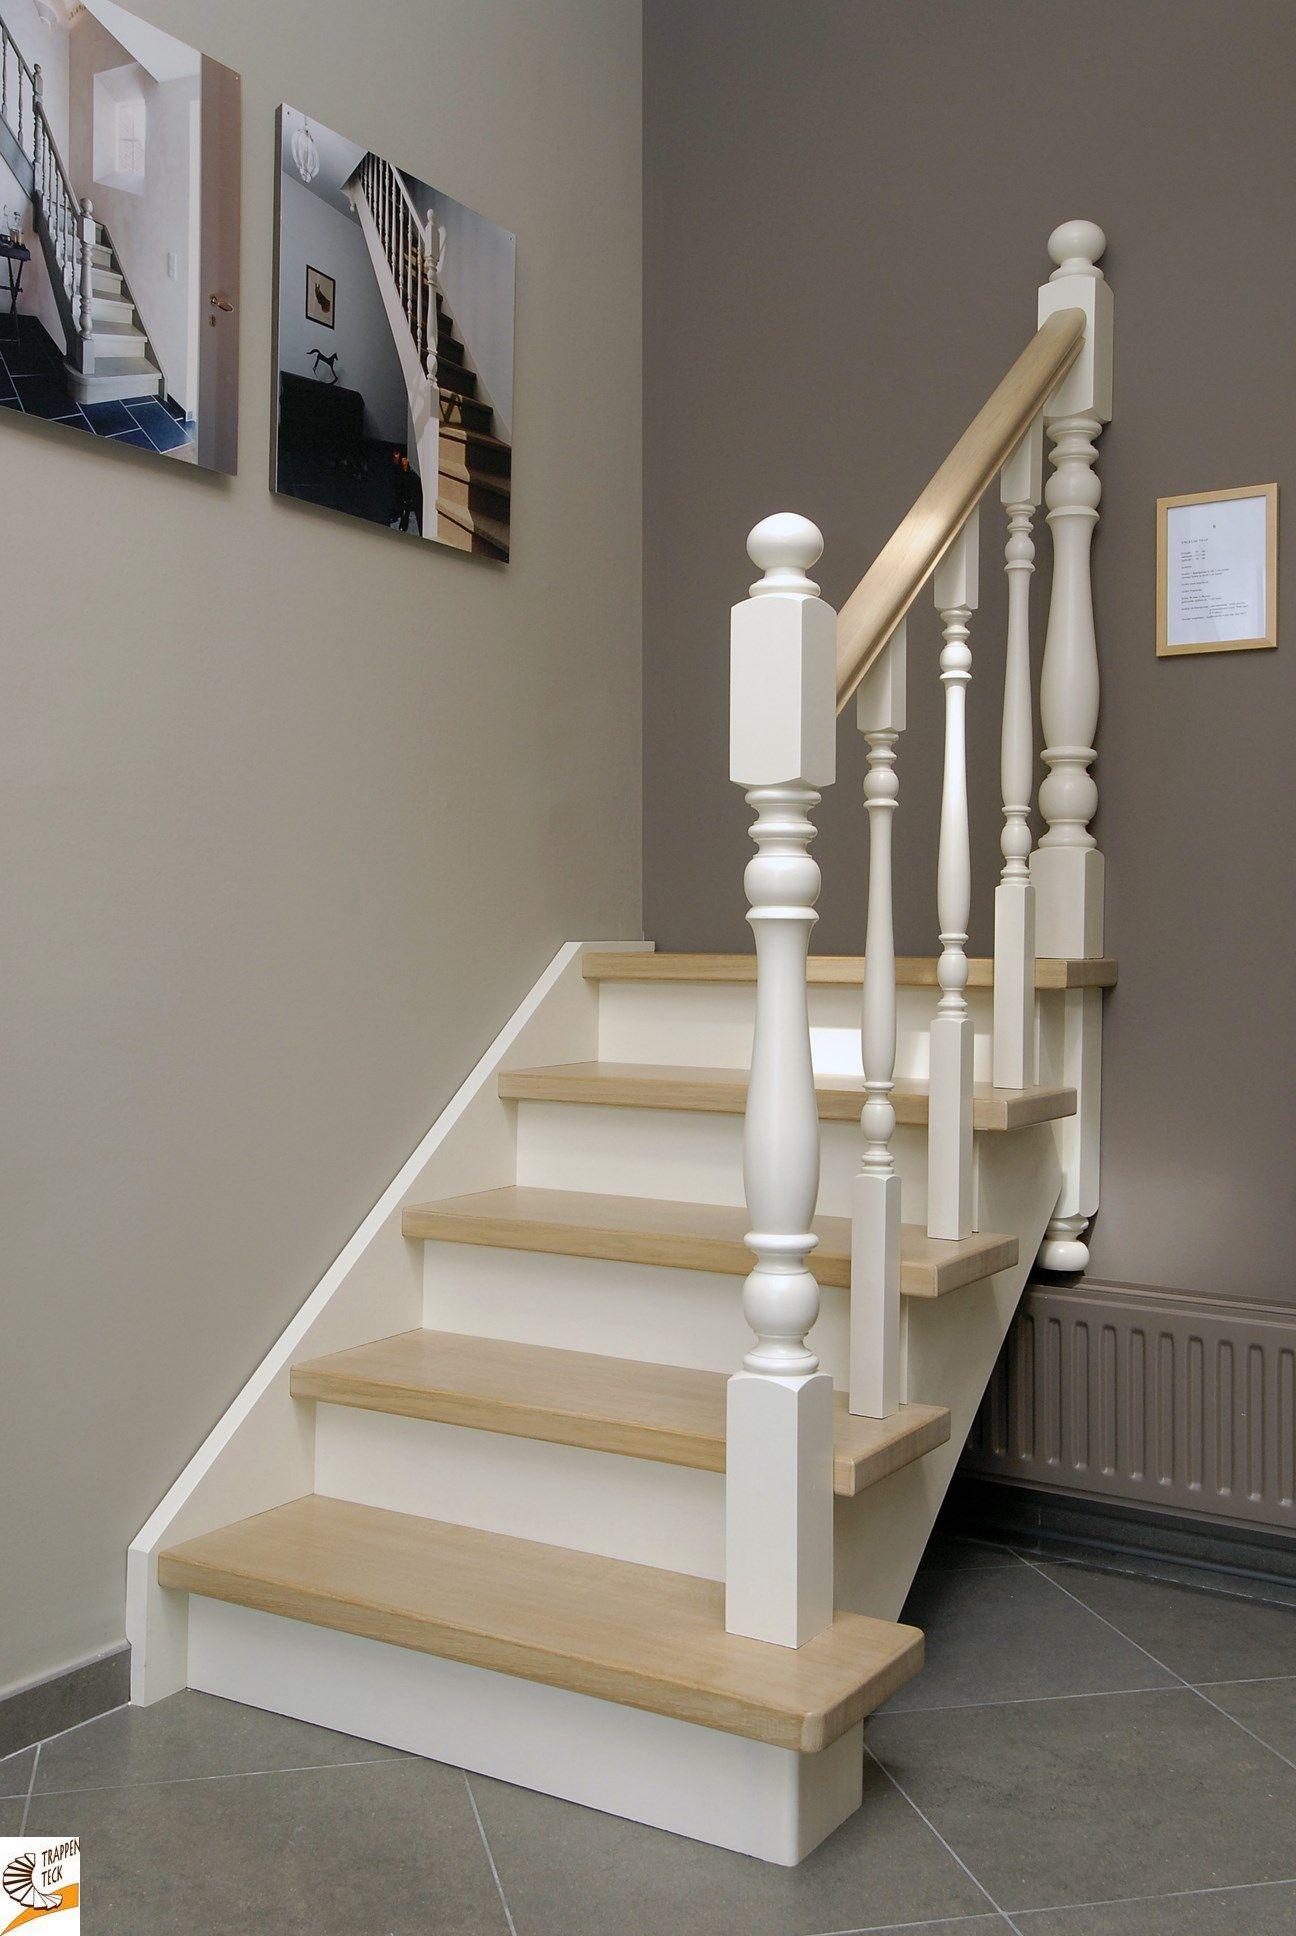 Landelijke houten trap van trappen teck in puurs www for Moderne houten trap